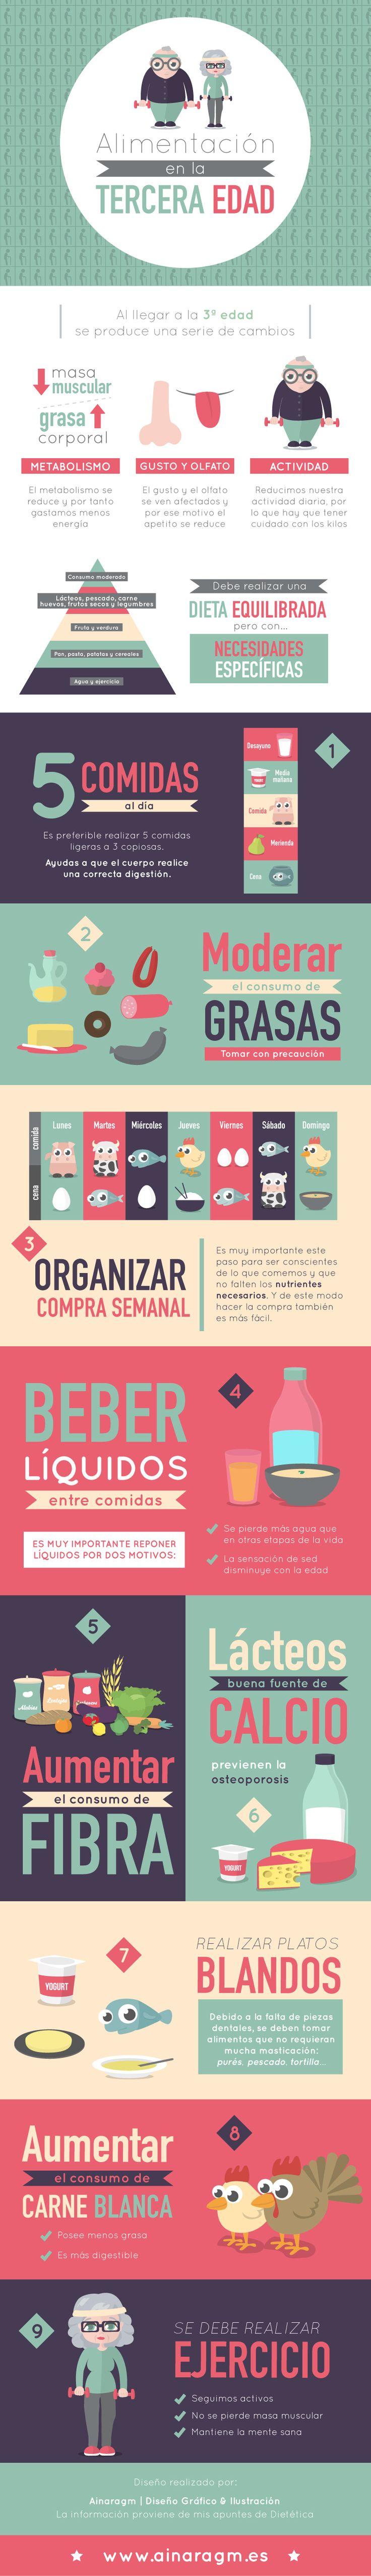 Infografía sobre la alimentación en la tercera edad